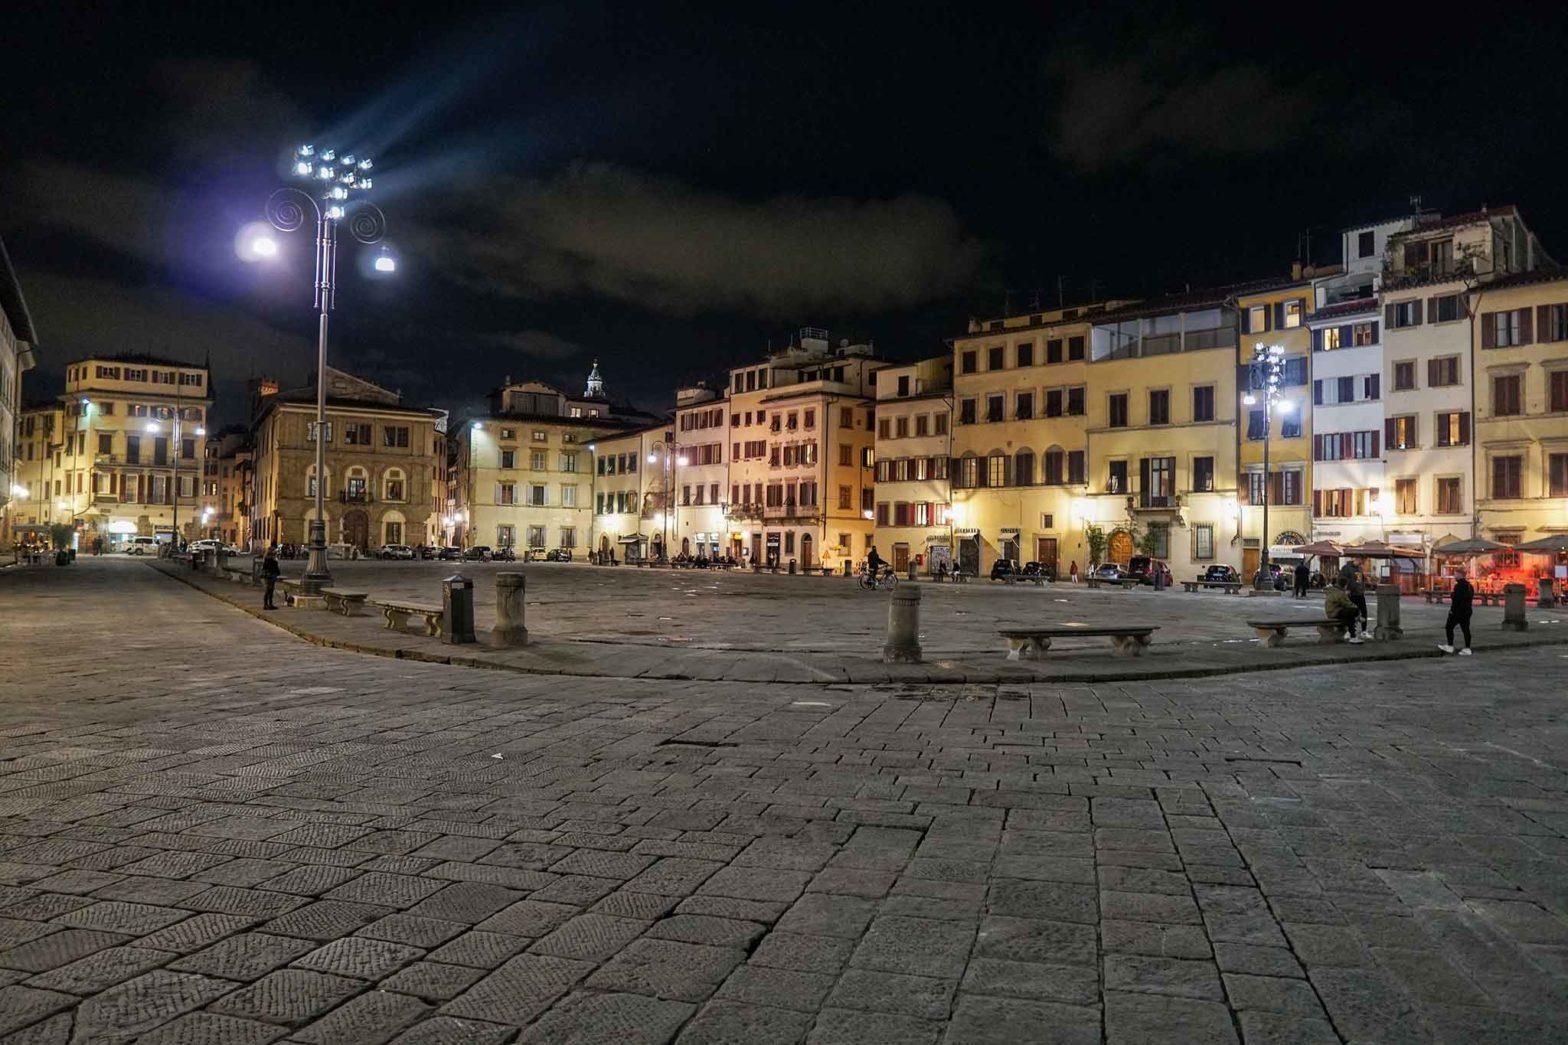 Decreto ristori coprifuoco piazza deserta notte